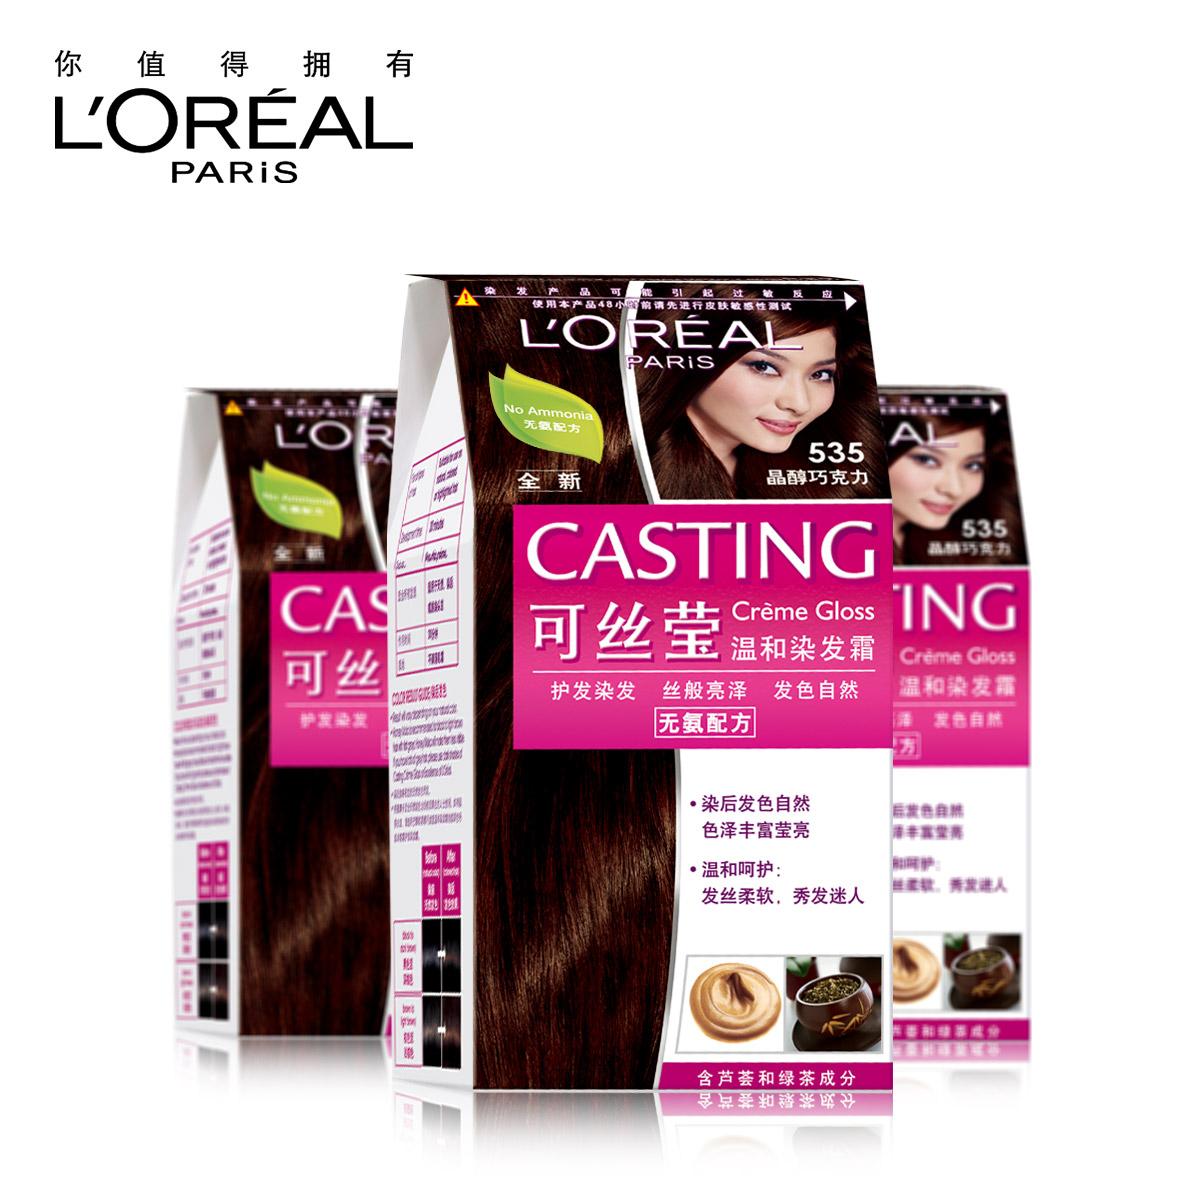 L'OREAL 欧莱雅美发可丝莹温和无氨染发剂膏 不伤发 固色持久莹产品展示图4